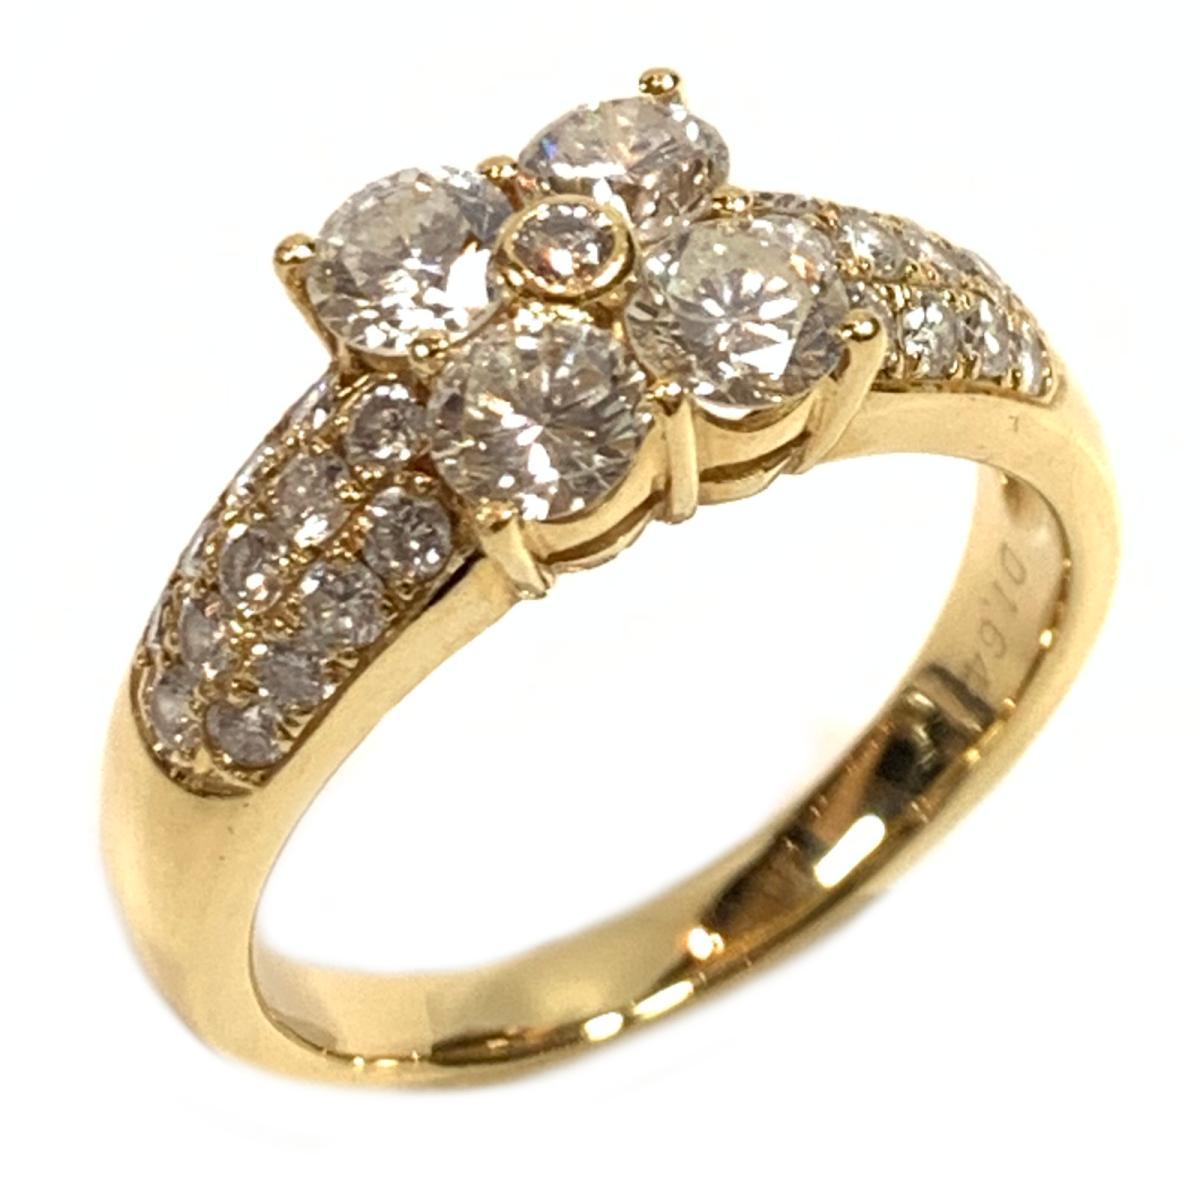 ジュエリー ダイヤモンド リング 指輪 ノーブランドジュエリー レディース K18YG (750) イエローゴールド x ダイヤ1.64ct クリアー ゴールド 【中古】 | JEWELRY BRANDOFF ブランドオフ アクセサリー